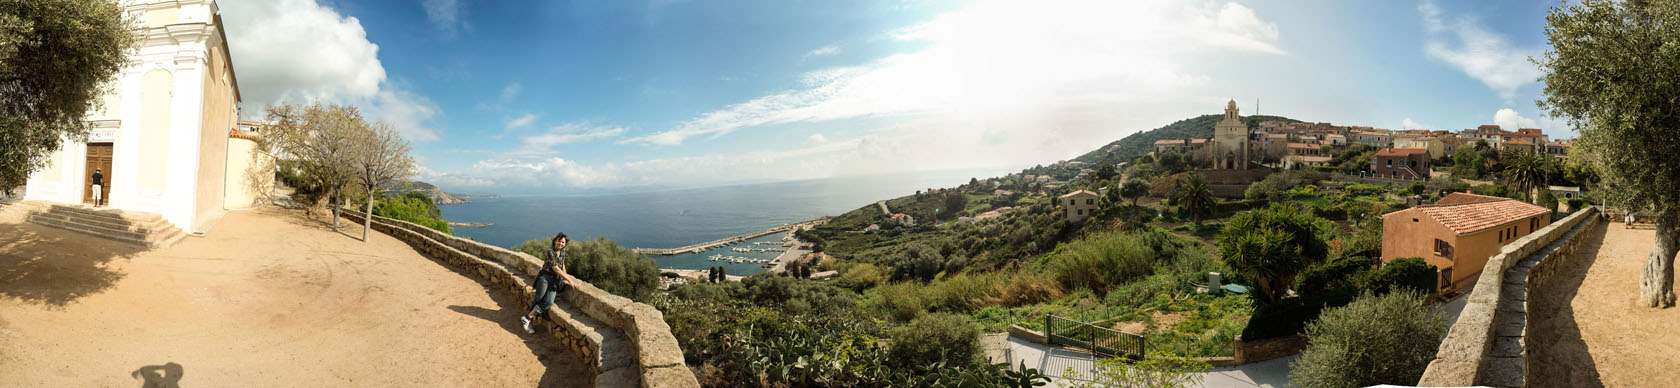 Coggia, Korsika